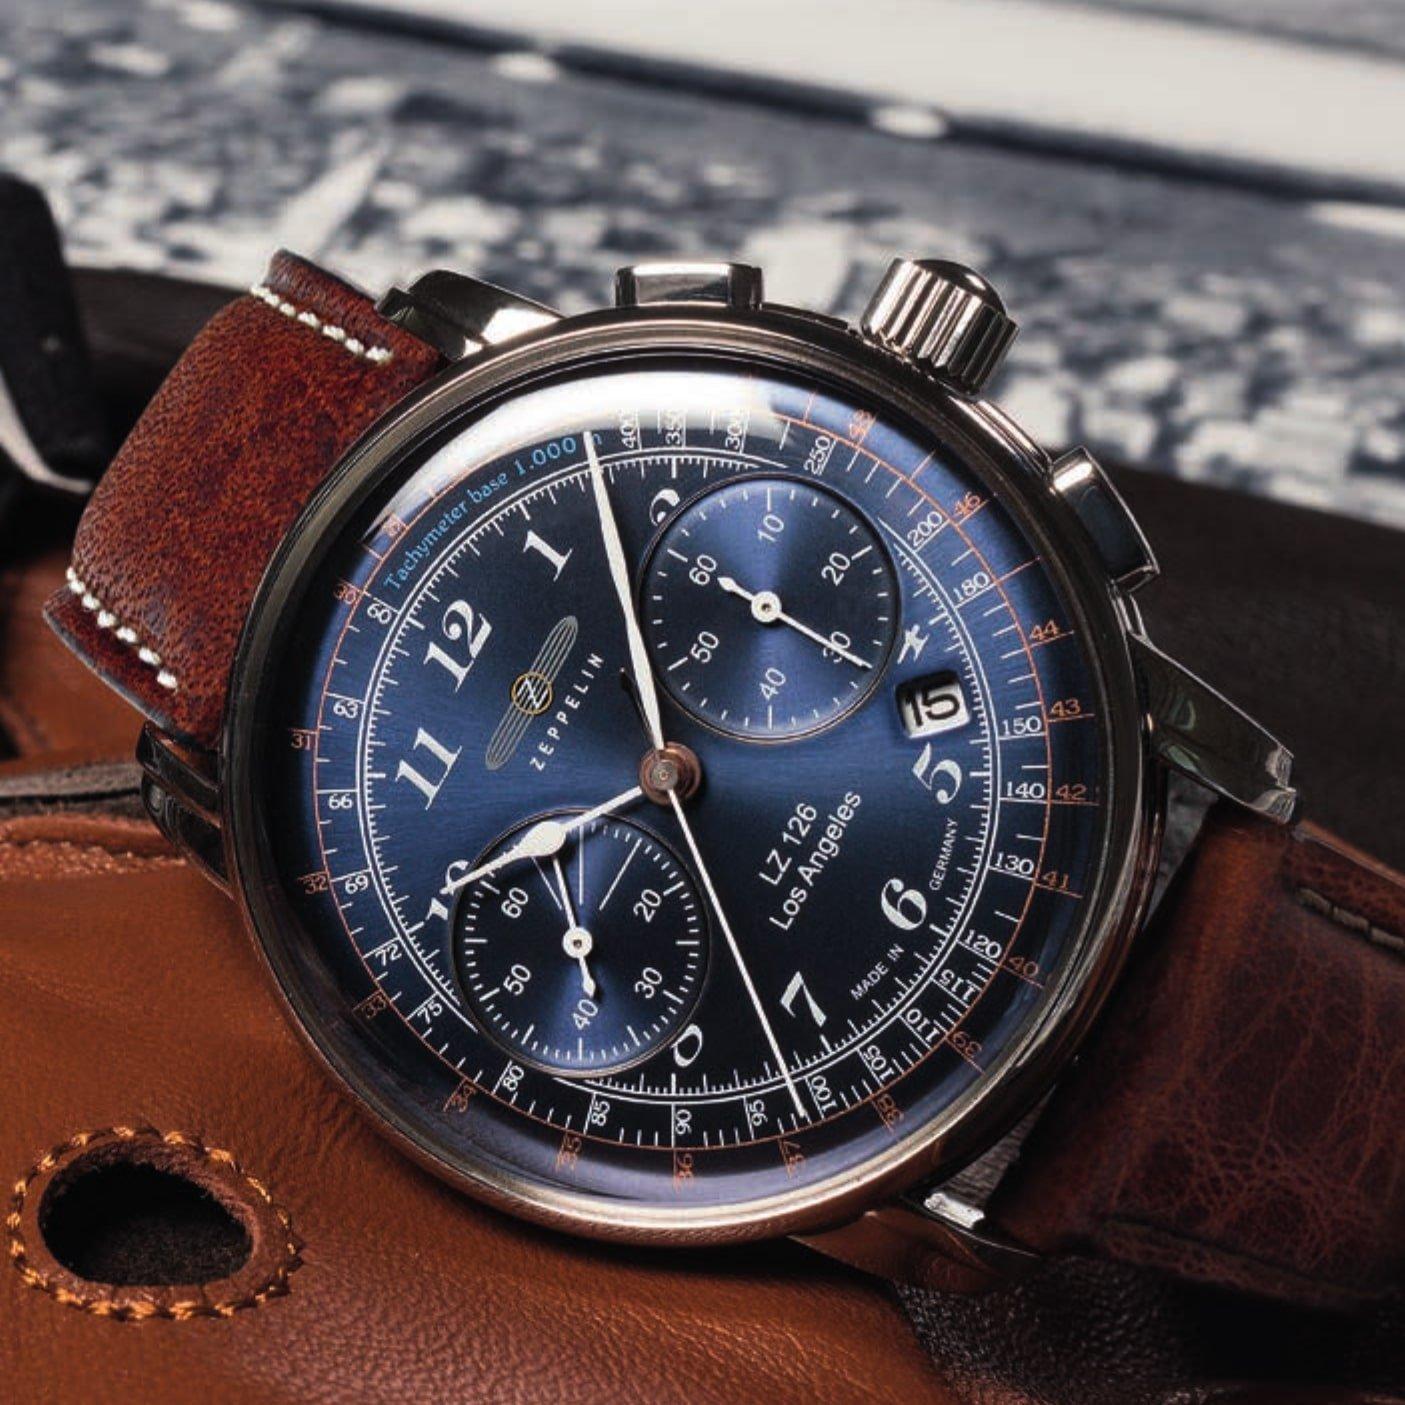 Elegancki zegarek Zeppelin nawiązujący do historycznych podróży